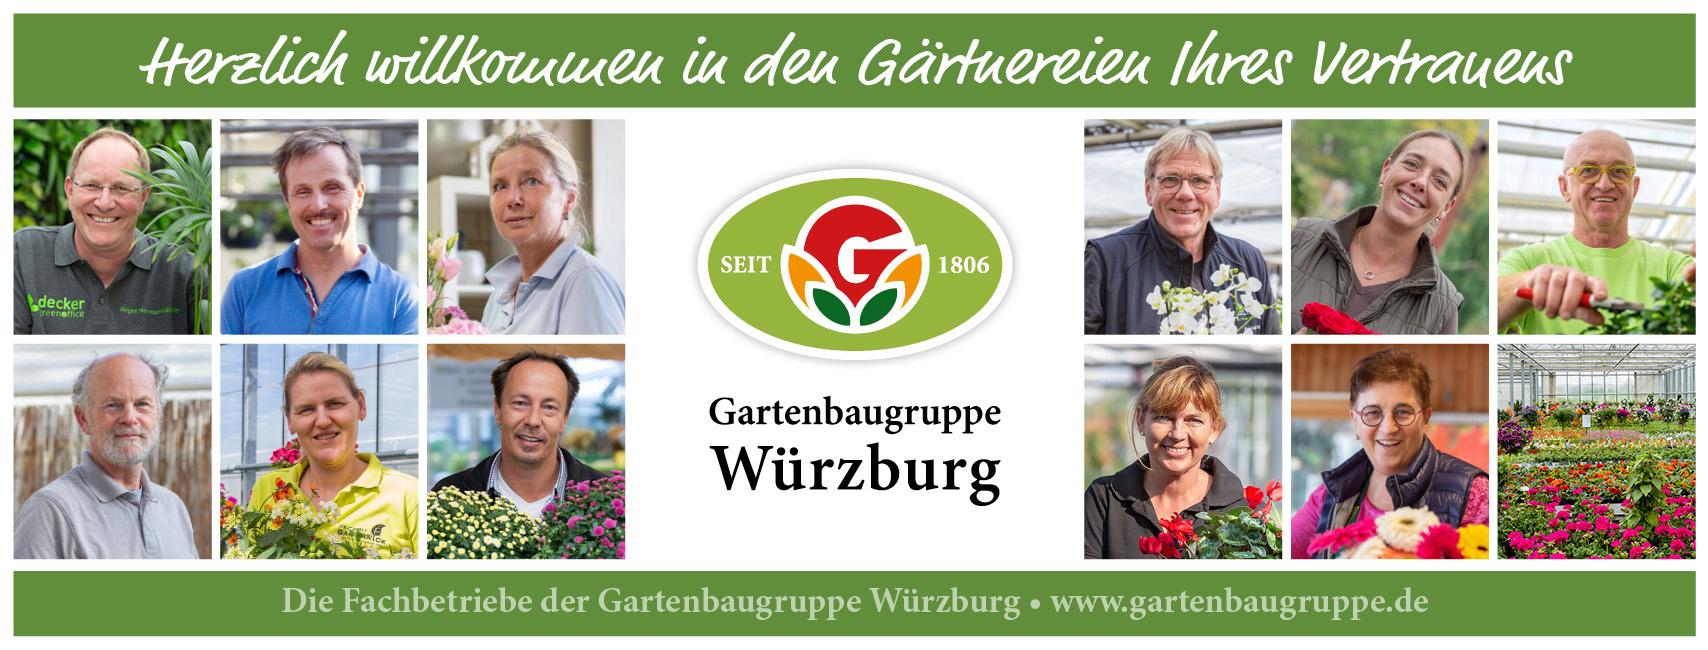 Die Gartenbaugruppe Wuerzburg stellt sich vor